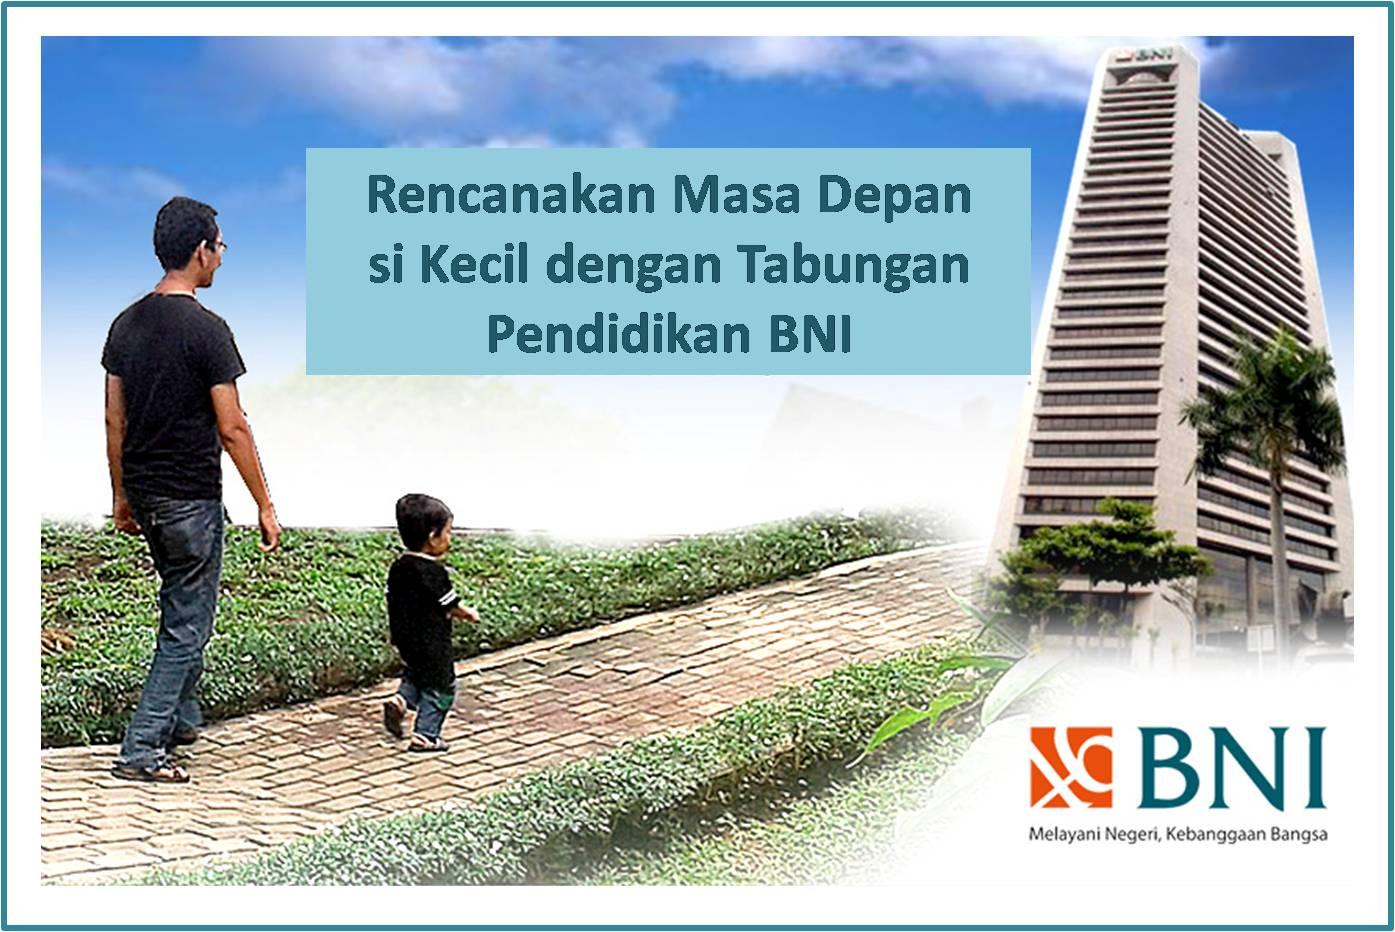 masa depan dengan BNI